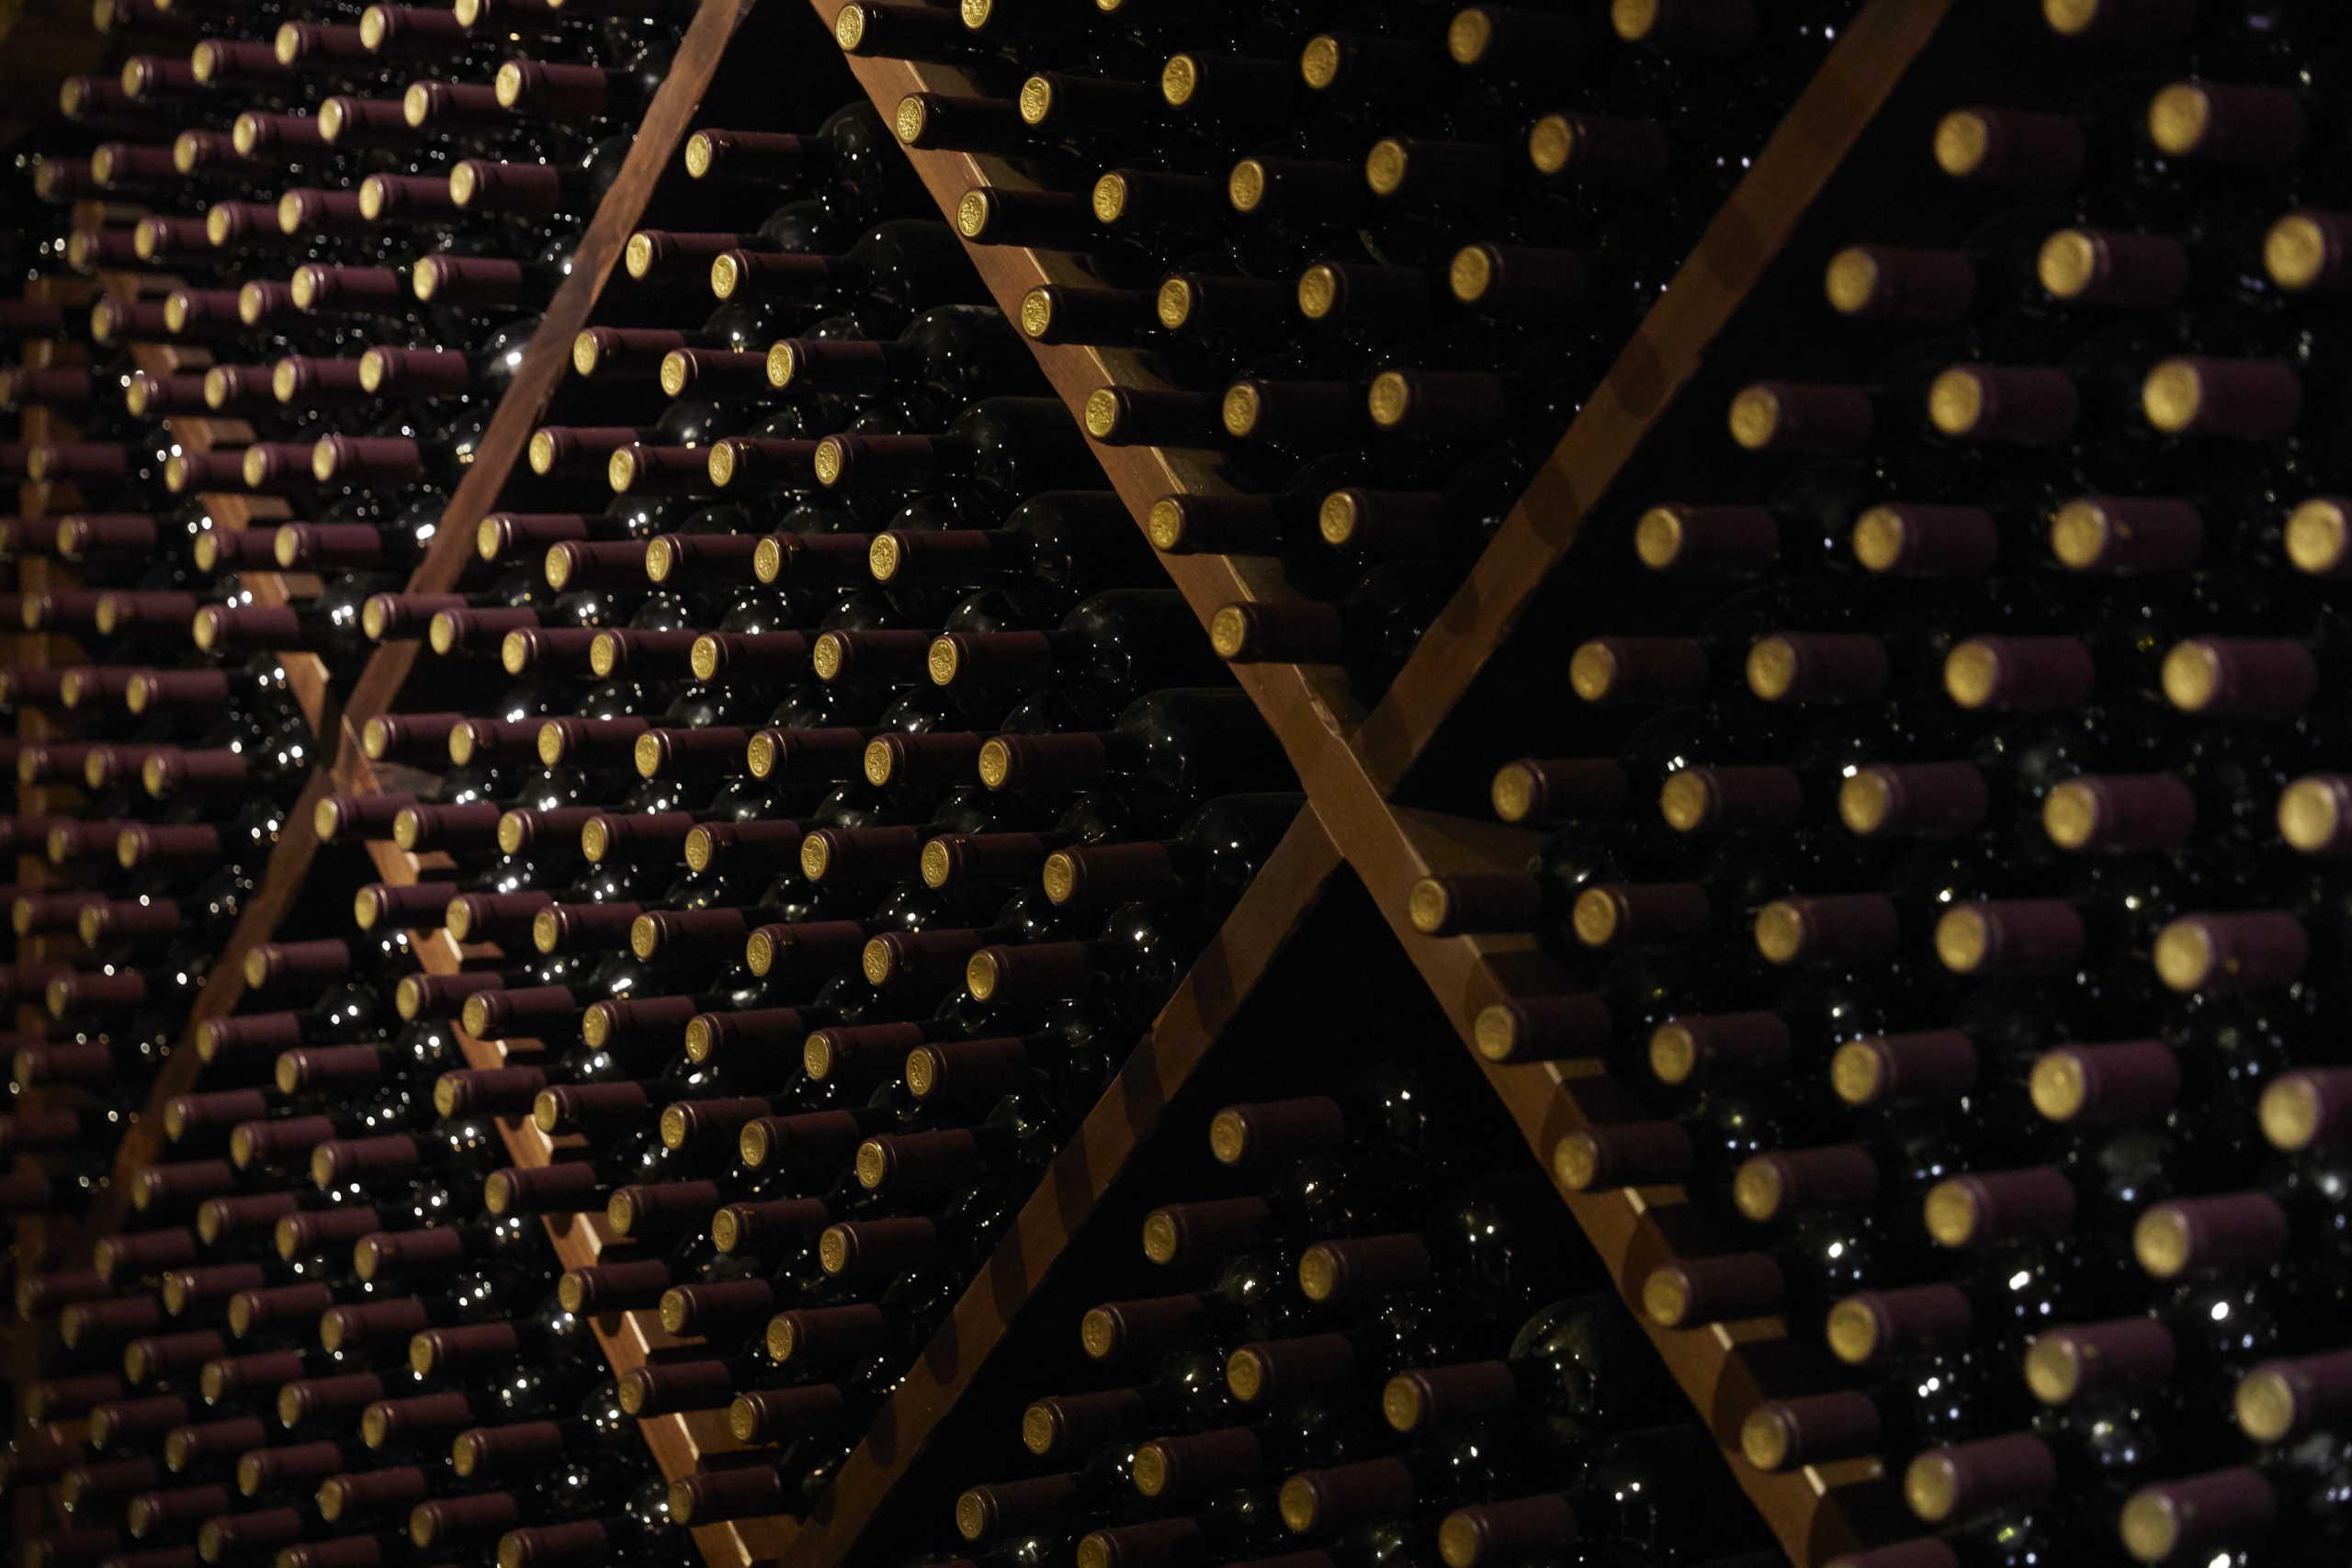 Κρασί και μπύρα στο απόσπασμα λόγω lockdown: Οι πρόεδροι των Συνδέσμων Οίνου και Ζυθοποιίας στο newsit.gr